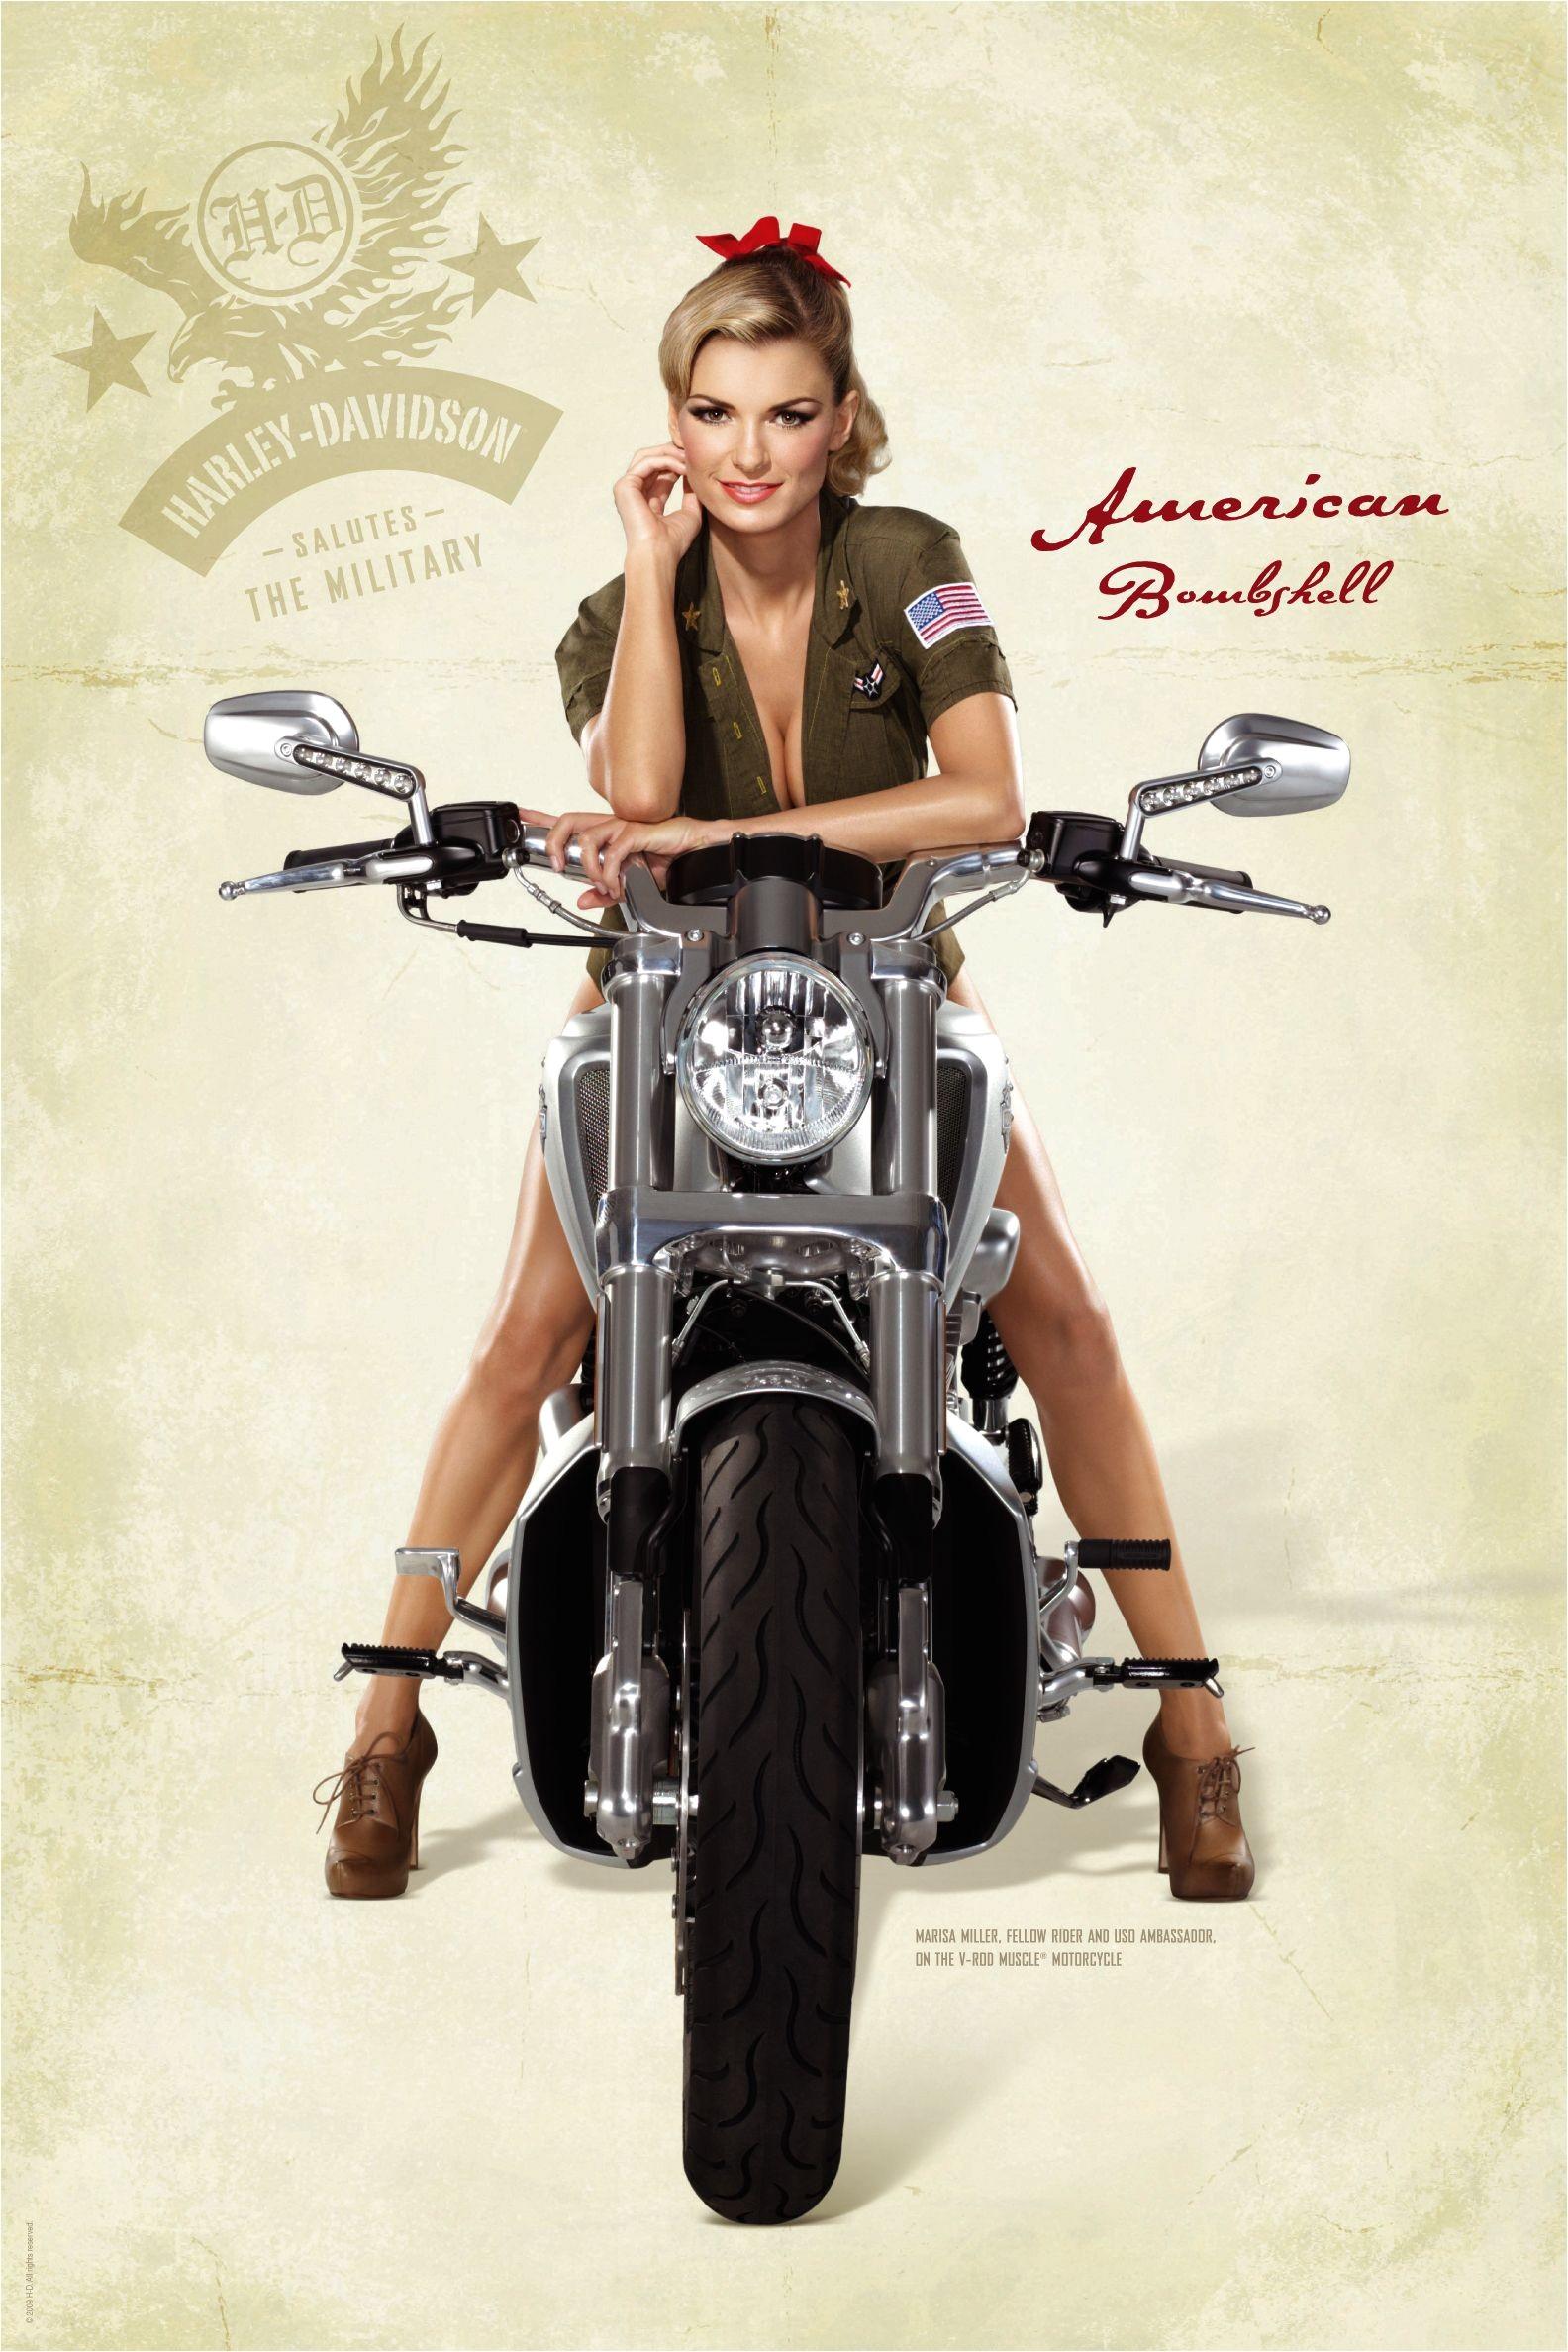 Marisa Miller on a V rod Muscle Harley